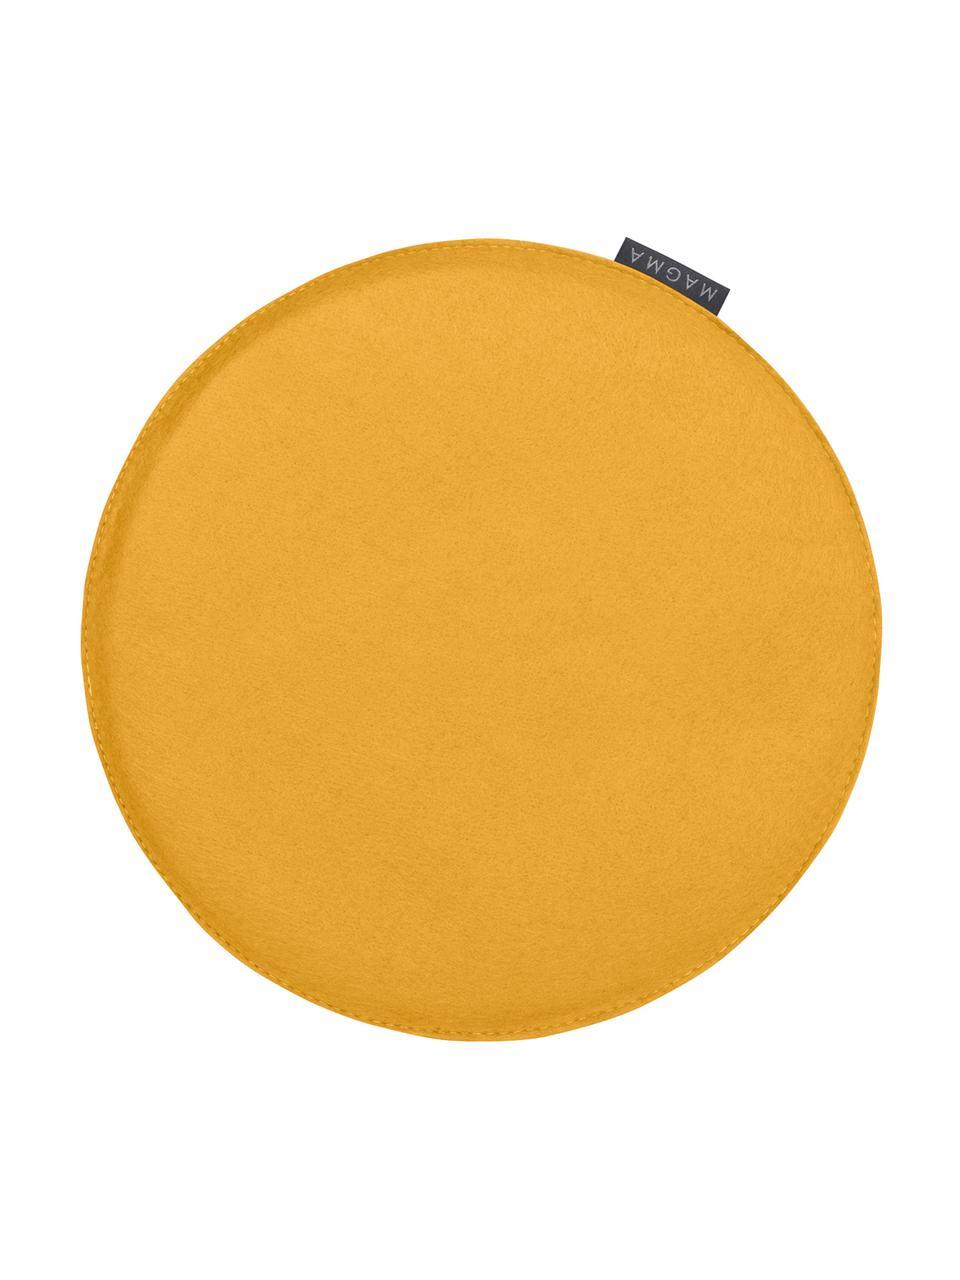 Okrągła poduszka na krzesło z filcu Avaro, 4 szt., Brunatnożółty, Ø 35 x W 1 cm